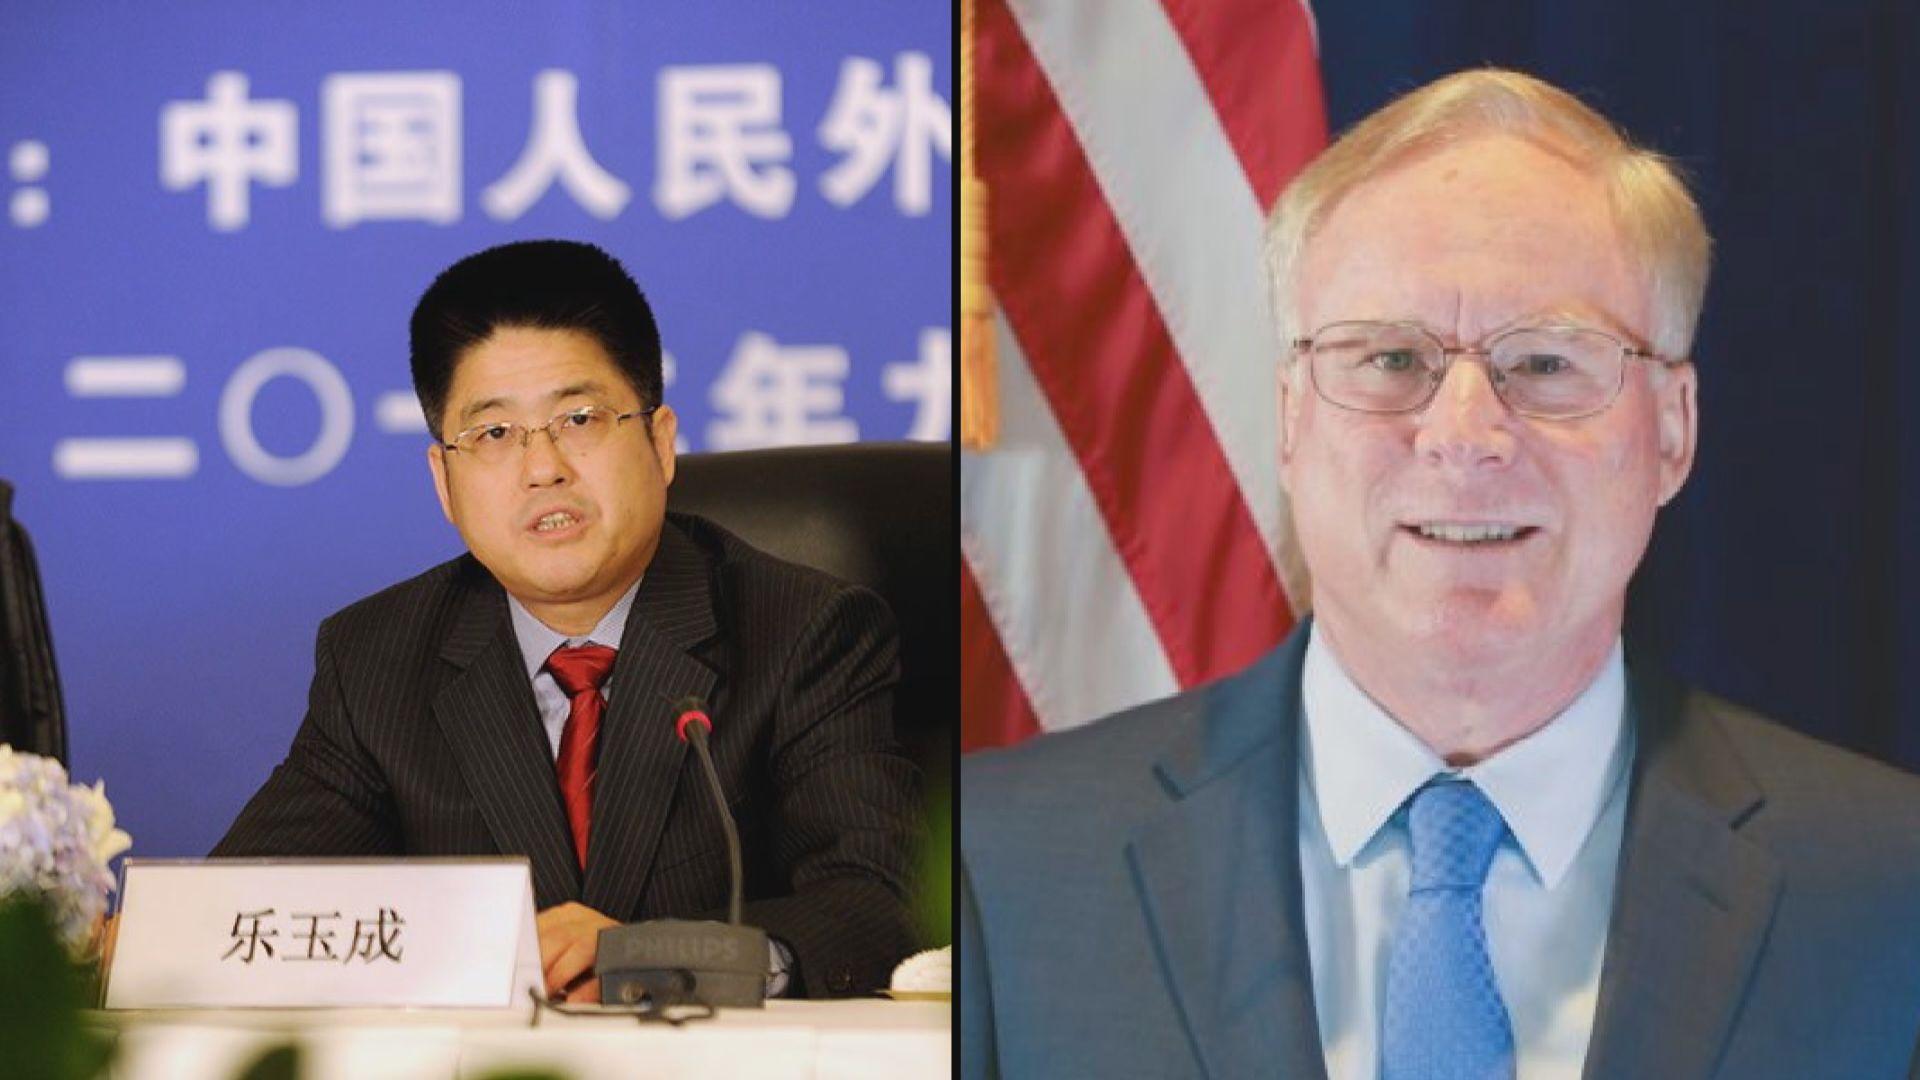 外交部要求華府停止以任何形式干預香港事務